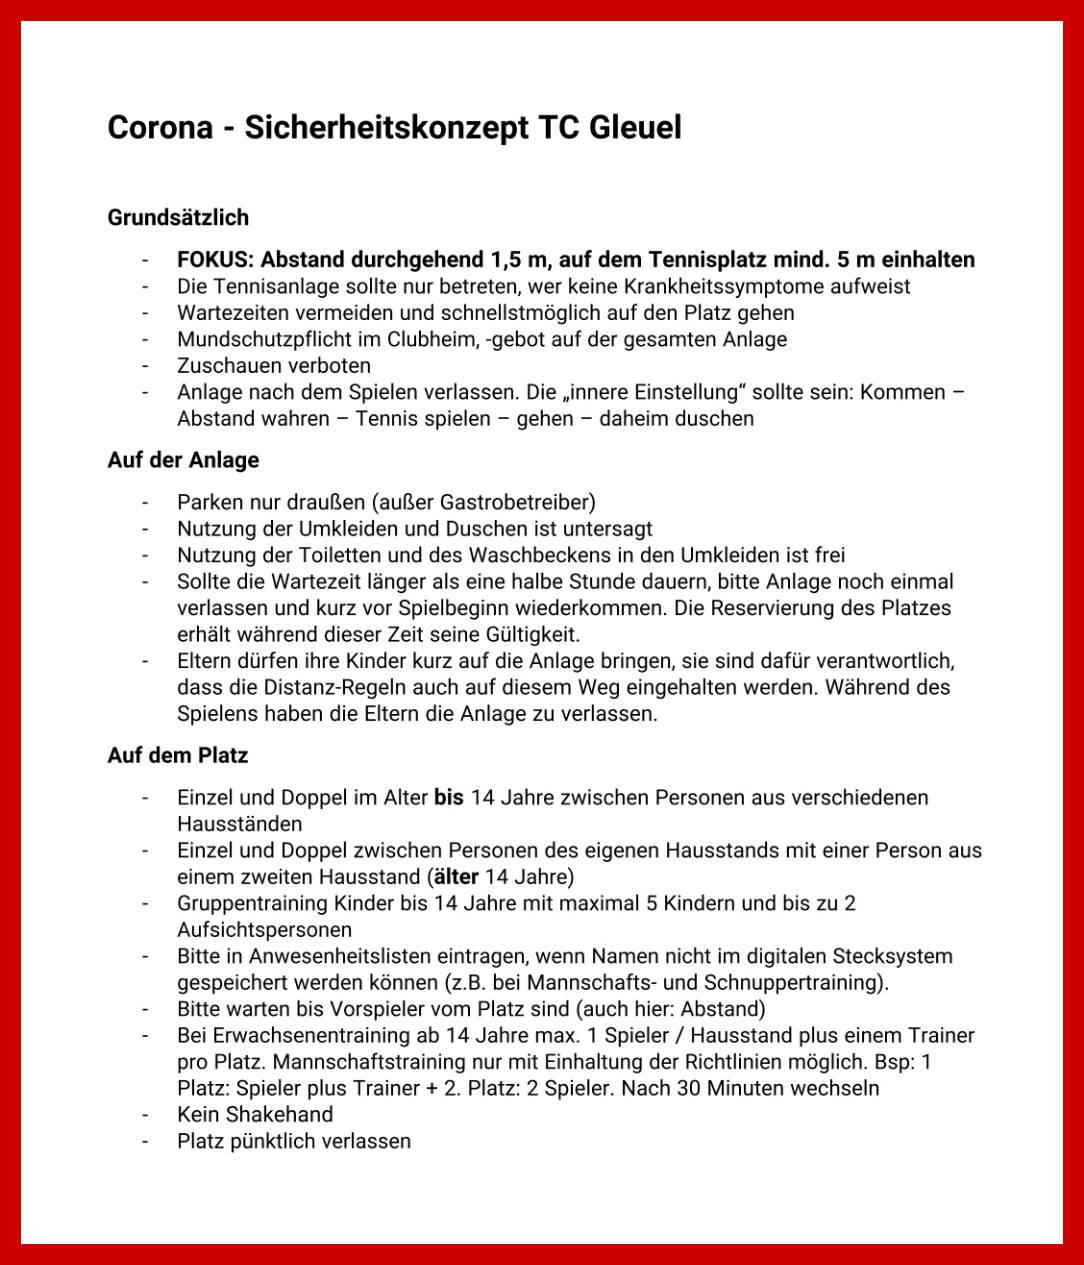 TC-Gleuel-Corona-Sicherheitskonzept-2021-V2